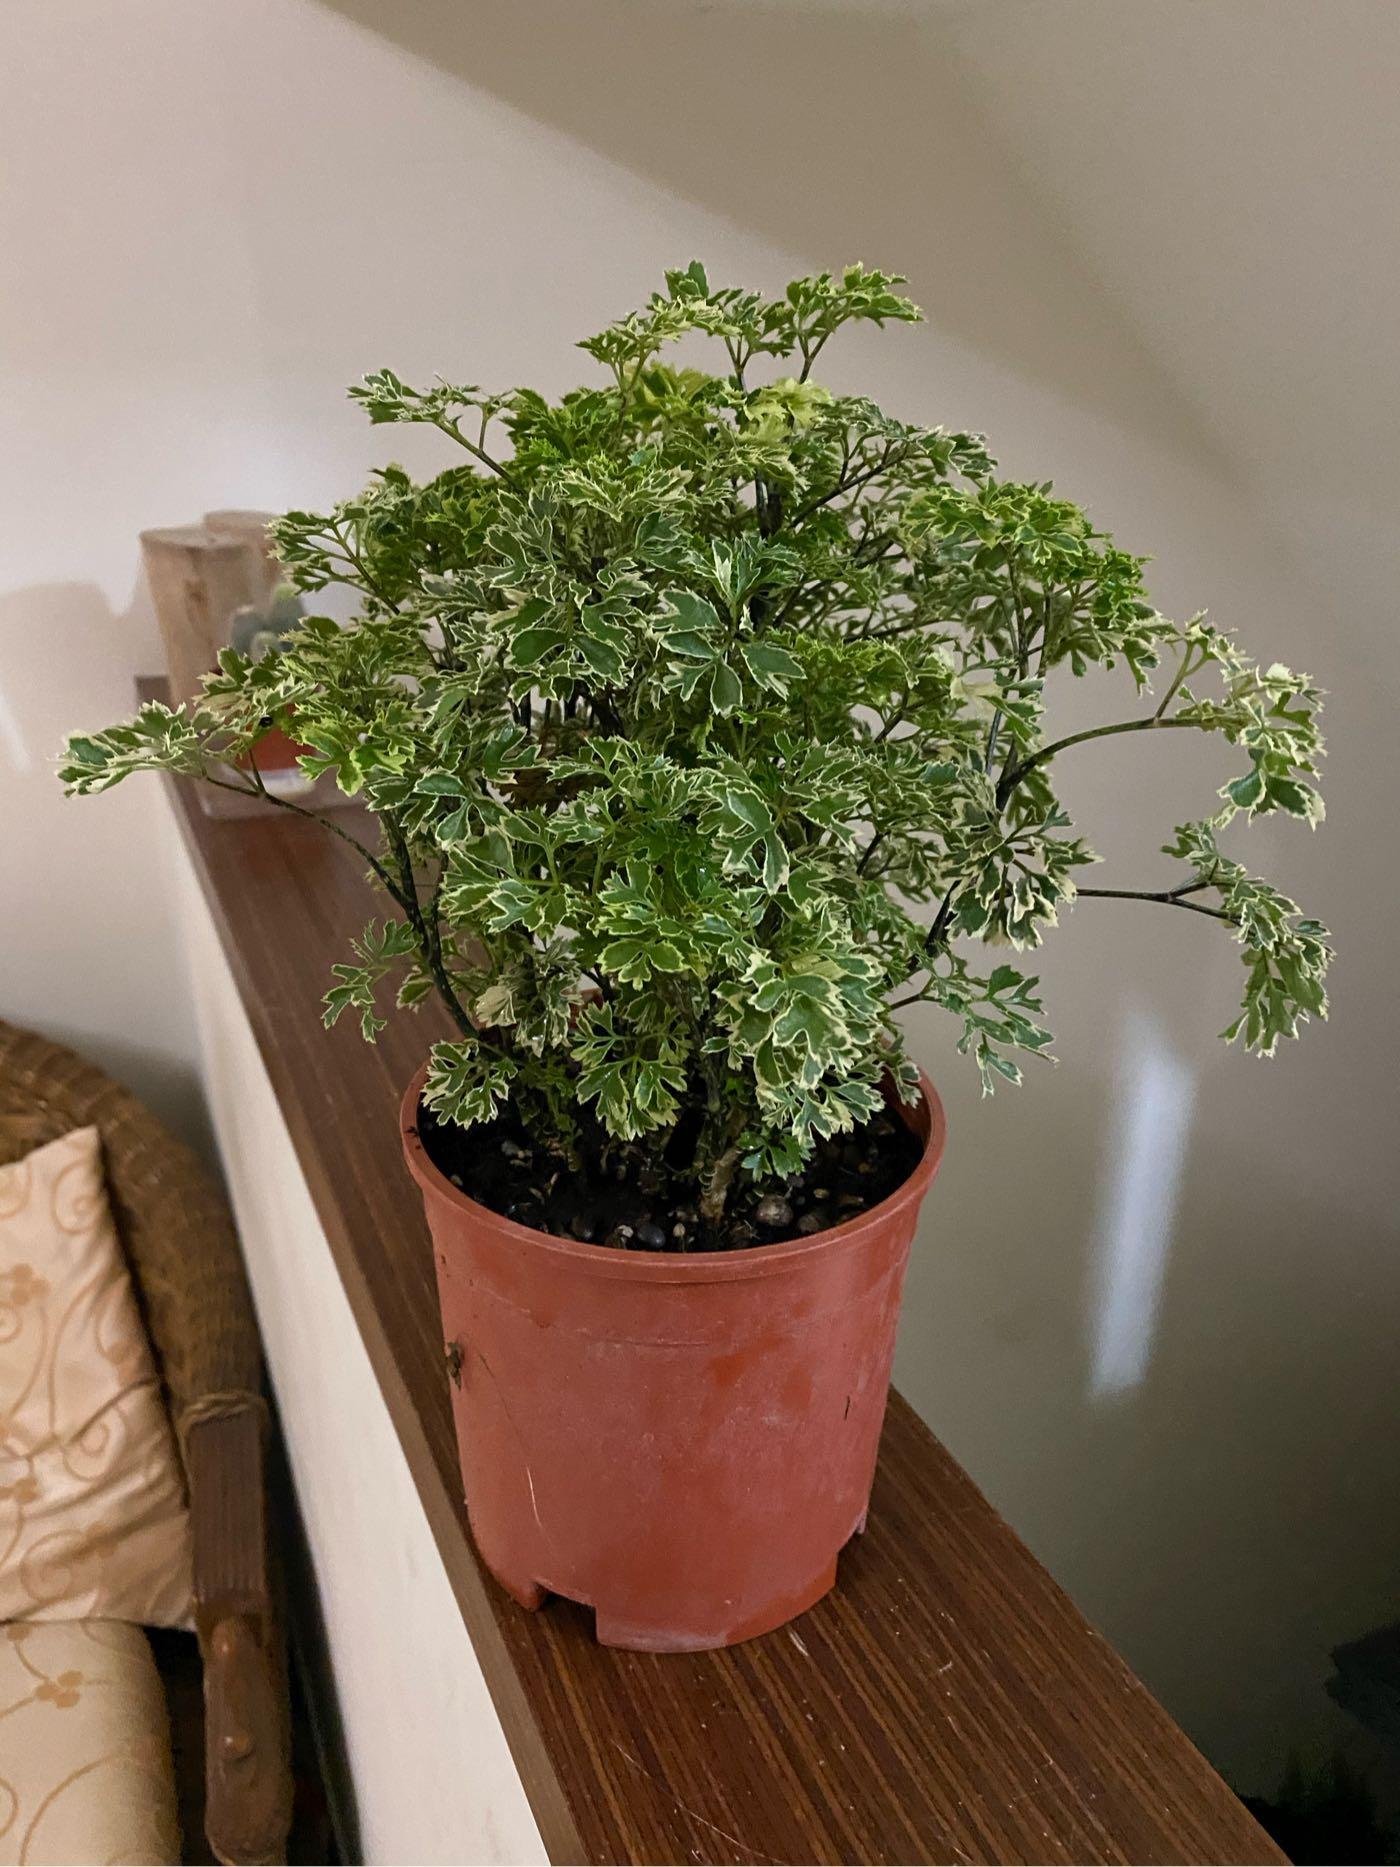 雪花福祿桐六吋的沒有人比我更便宜學名:Polyscias spp. 俗名:富貴樹室內耐陰增濕的福祿桐,比發財樹、幸福樹好